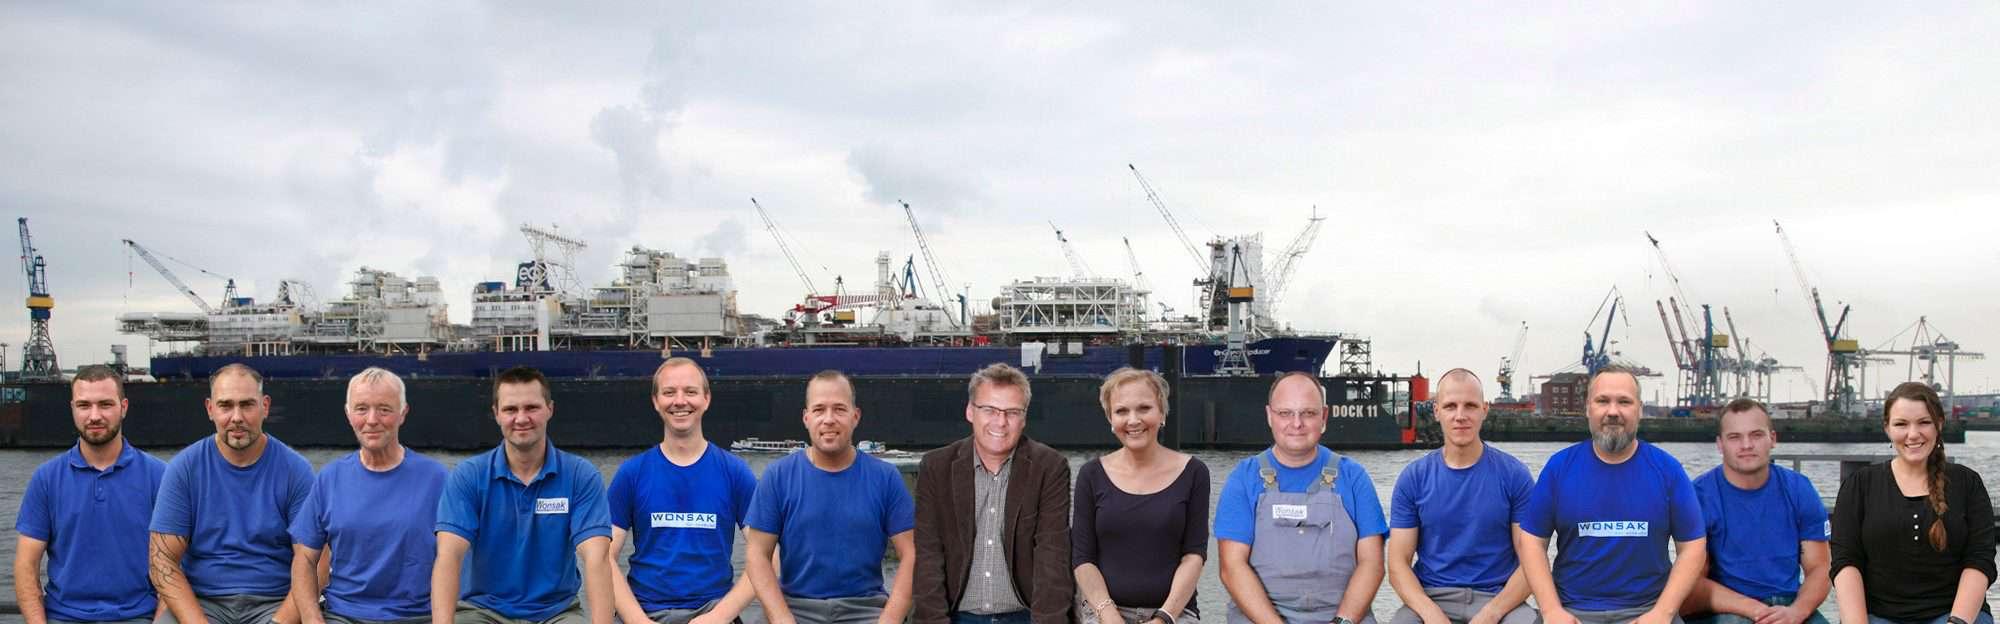 Das Wonsak Team 2020 am Hafen 100% Hamburg